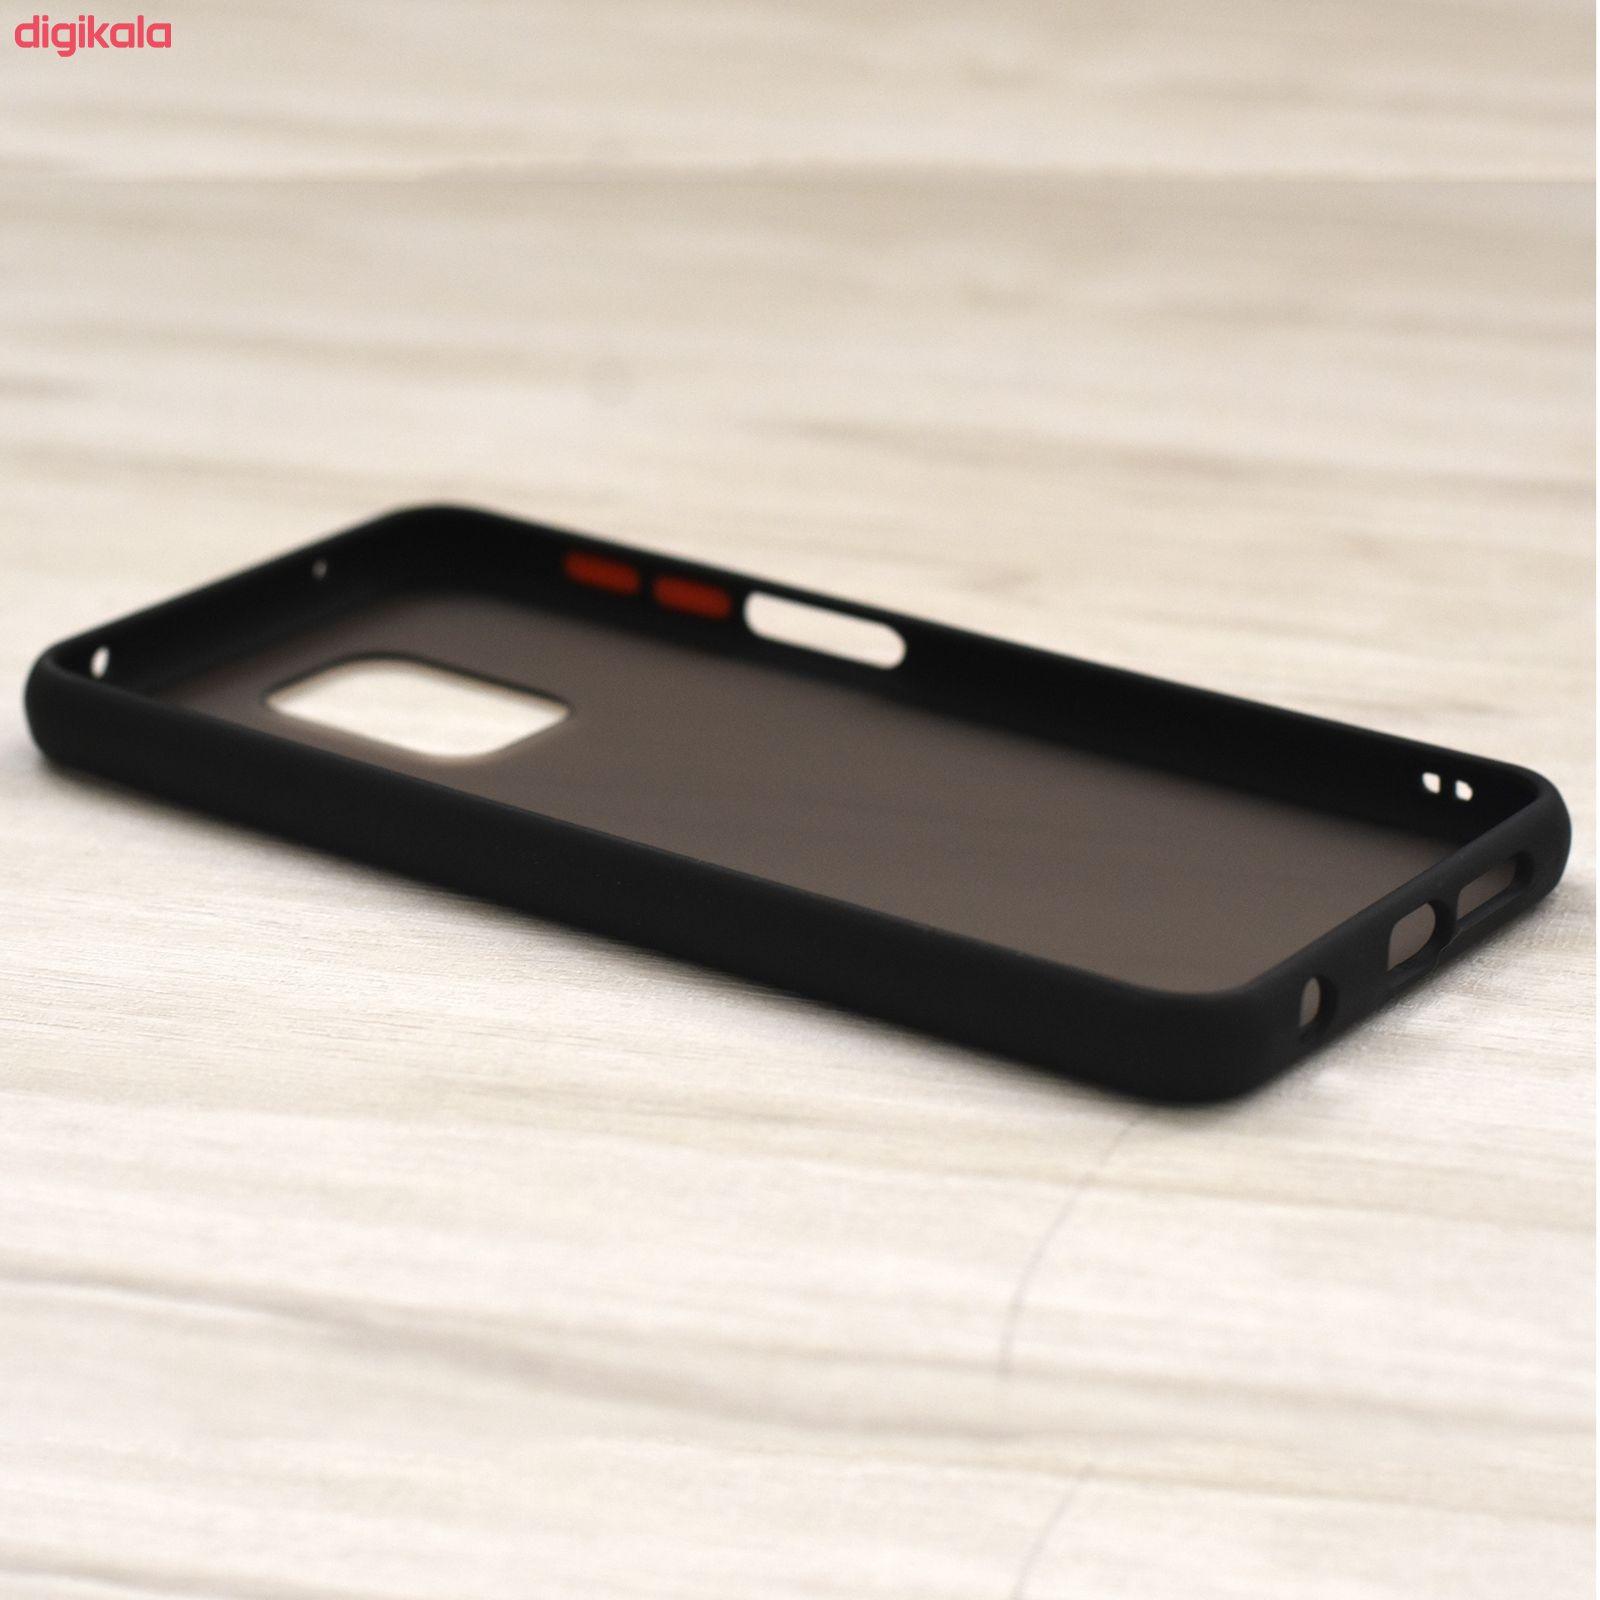 کاور مدل Slico01 مناسب برای گوشی موبایل شیائومی Redmi Note 9S / 9 Pro main 1 14